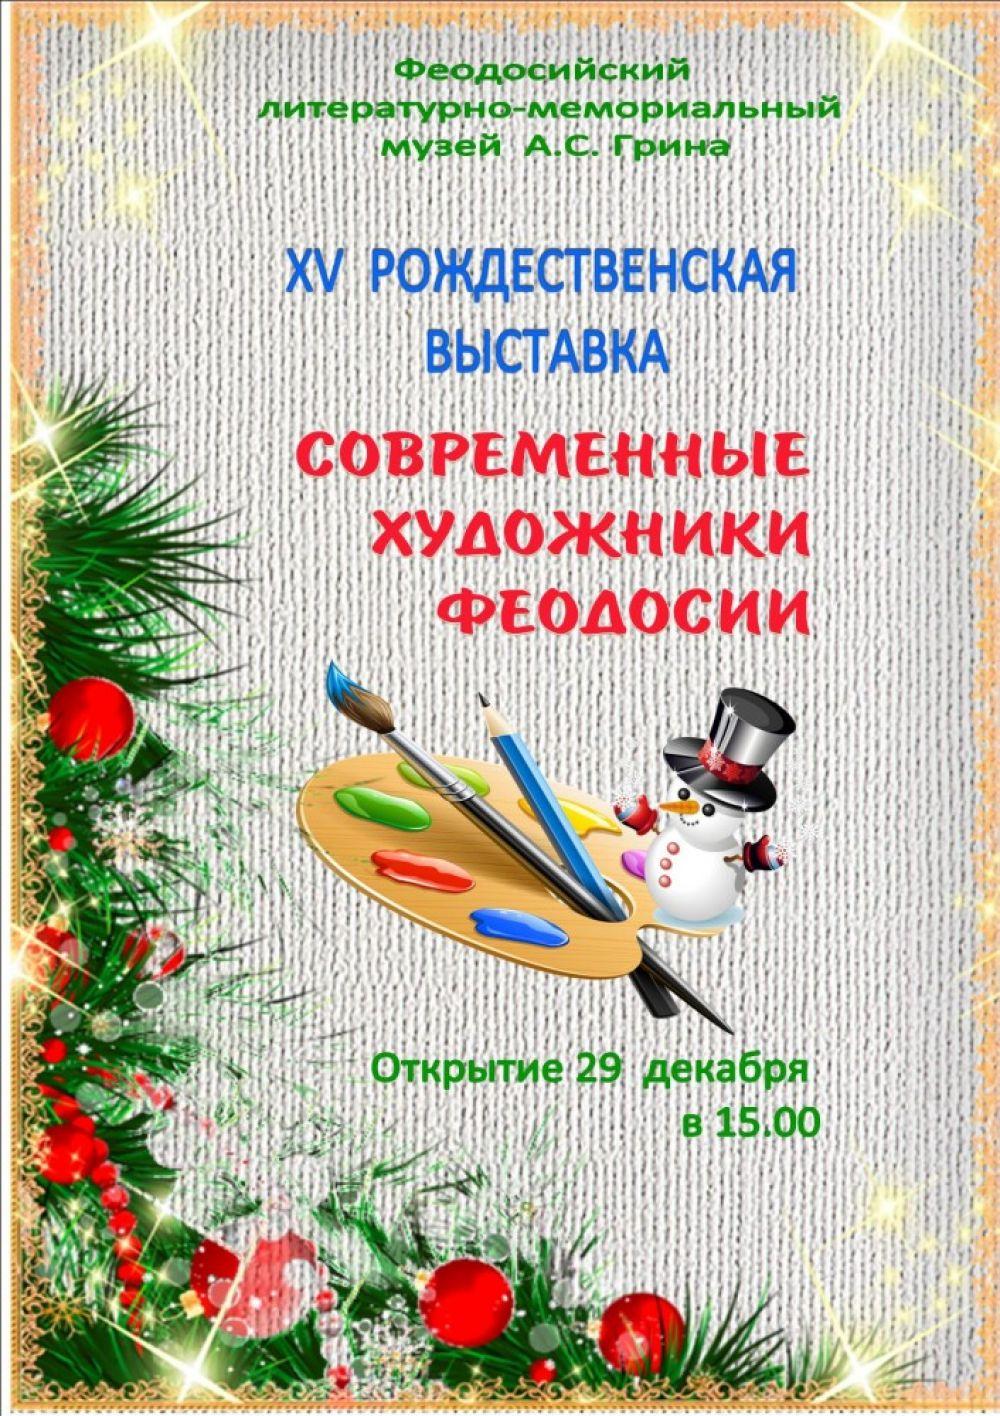 В Феодосийском литературно-мемориальном музее А.С. Грина открывается выставка